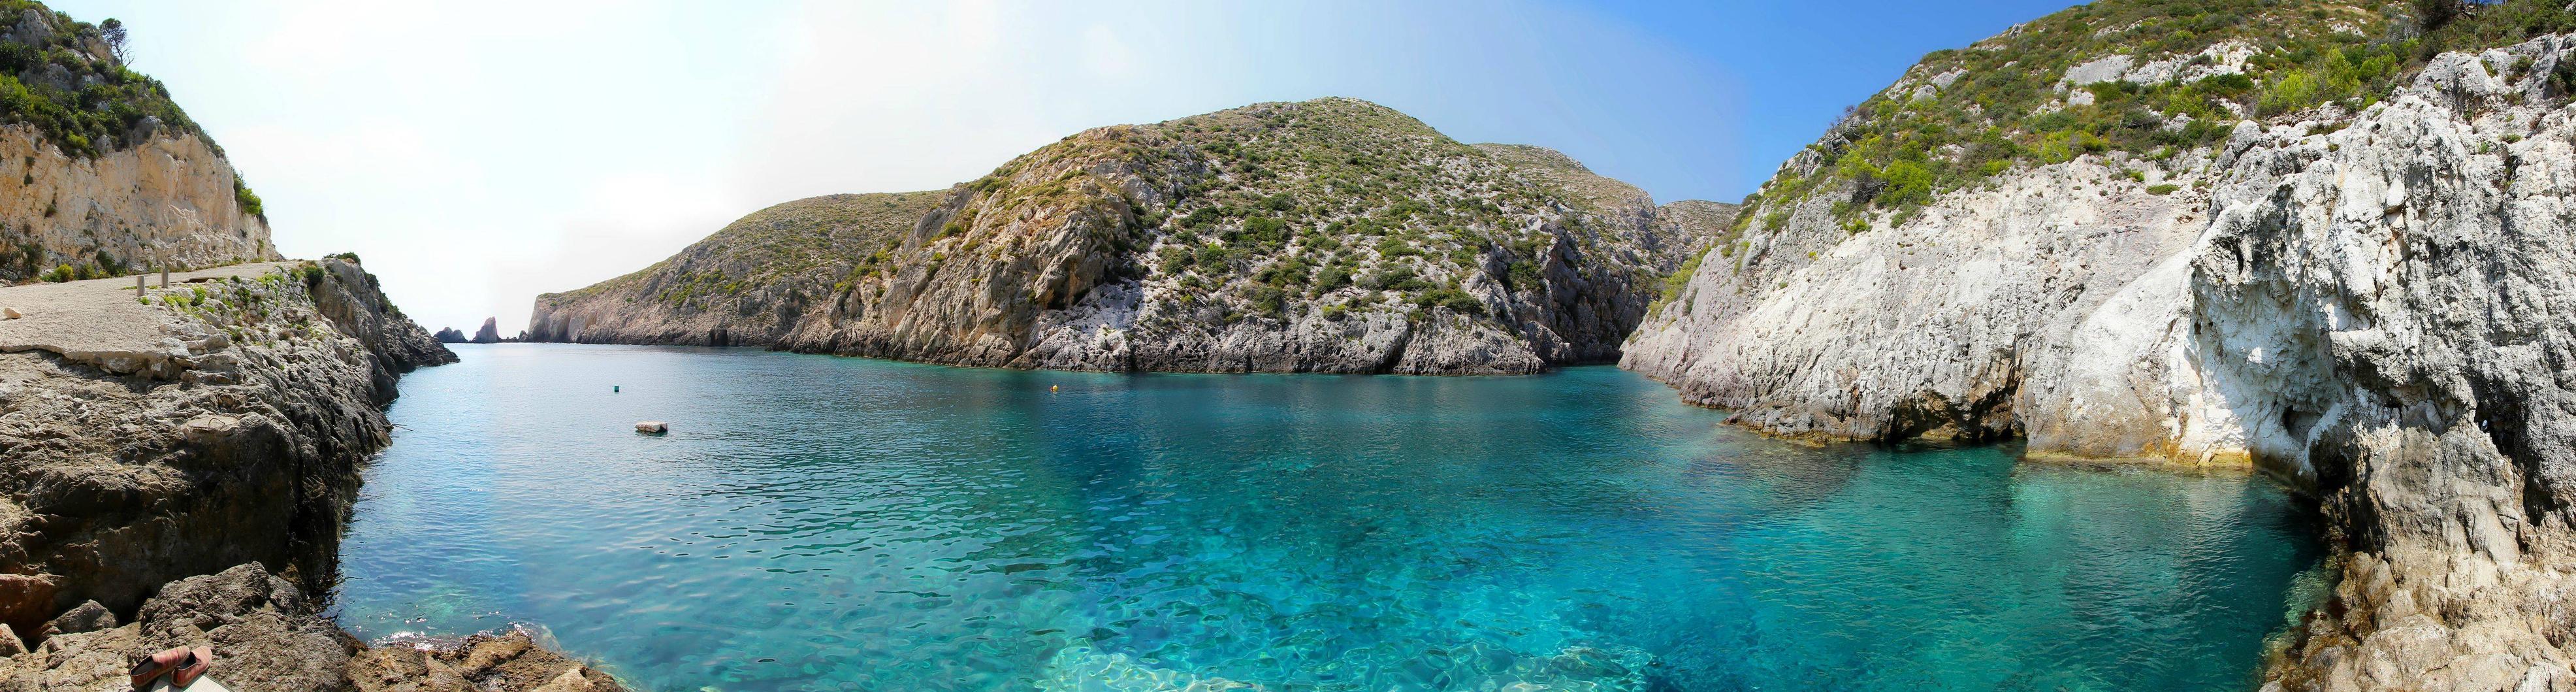 Stenitis Bay